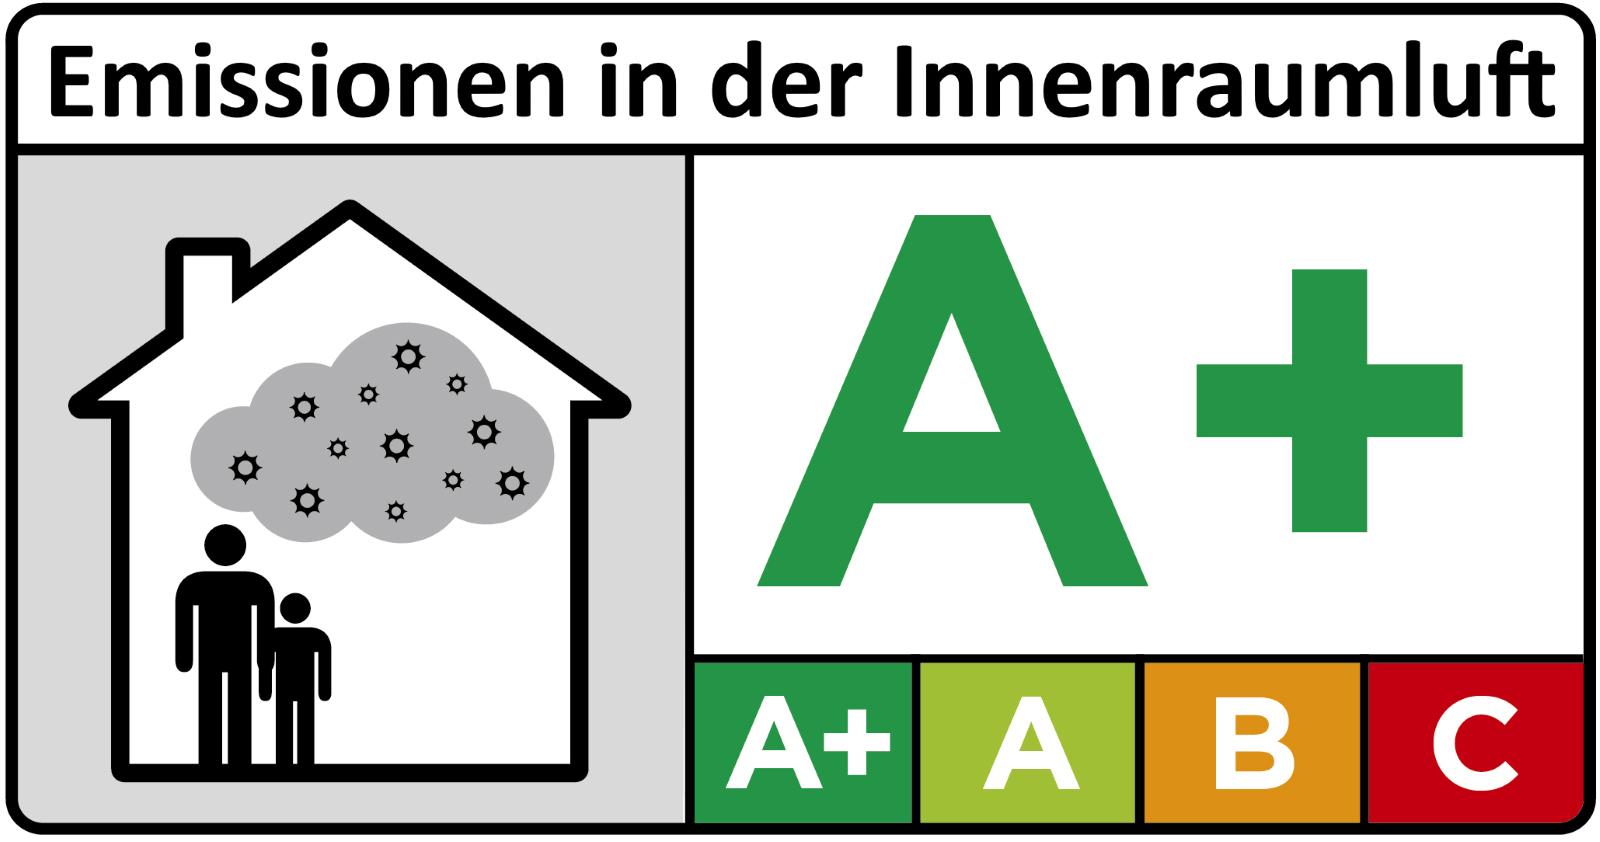 Emissionen in der Innenraumluft Klasse A+ für viele Rigid-Core Designböden